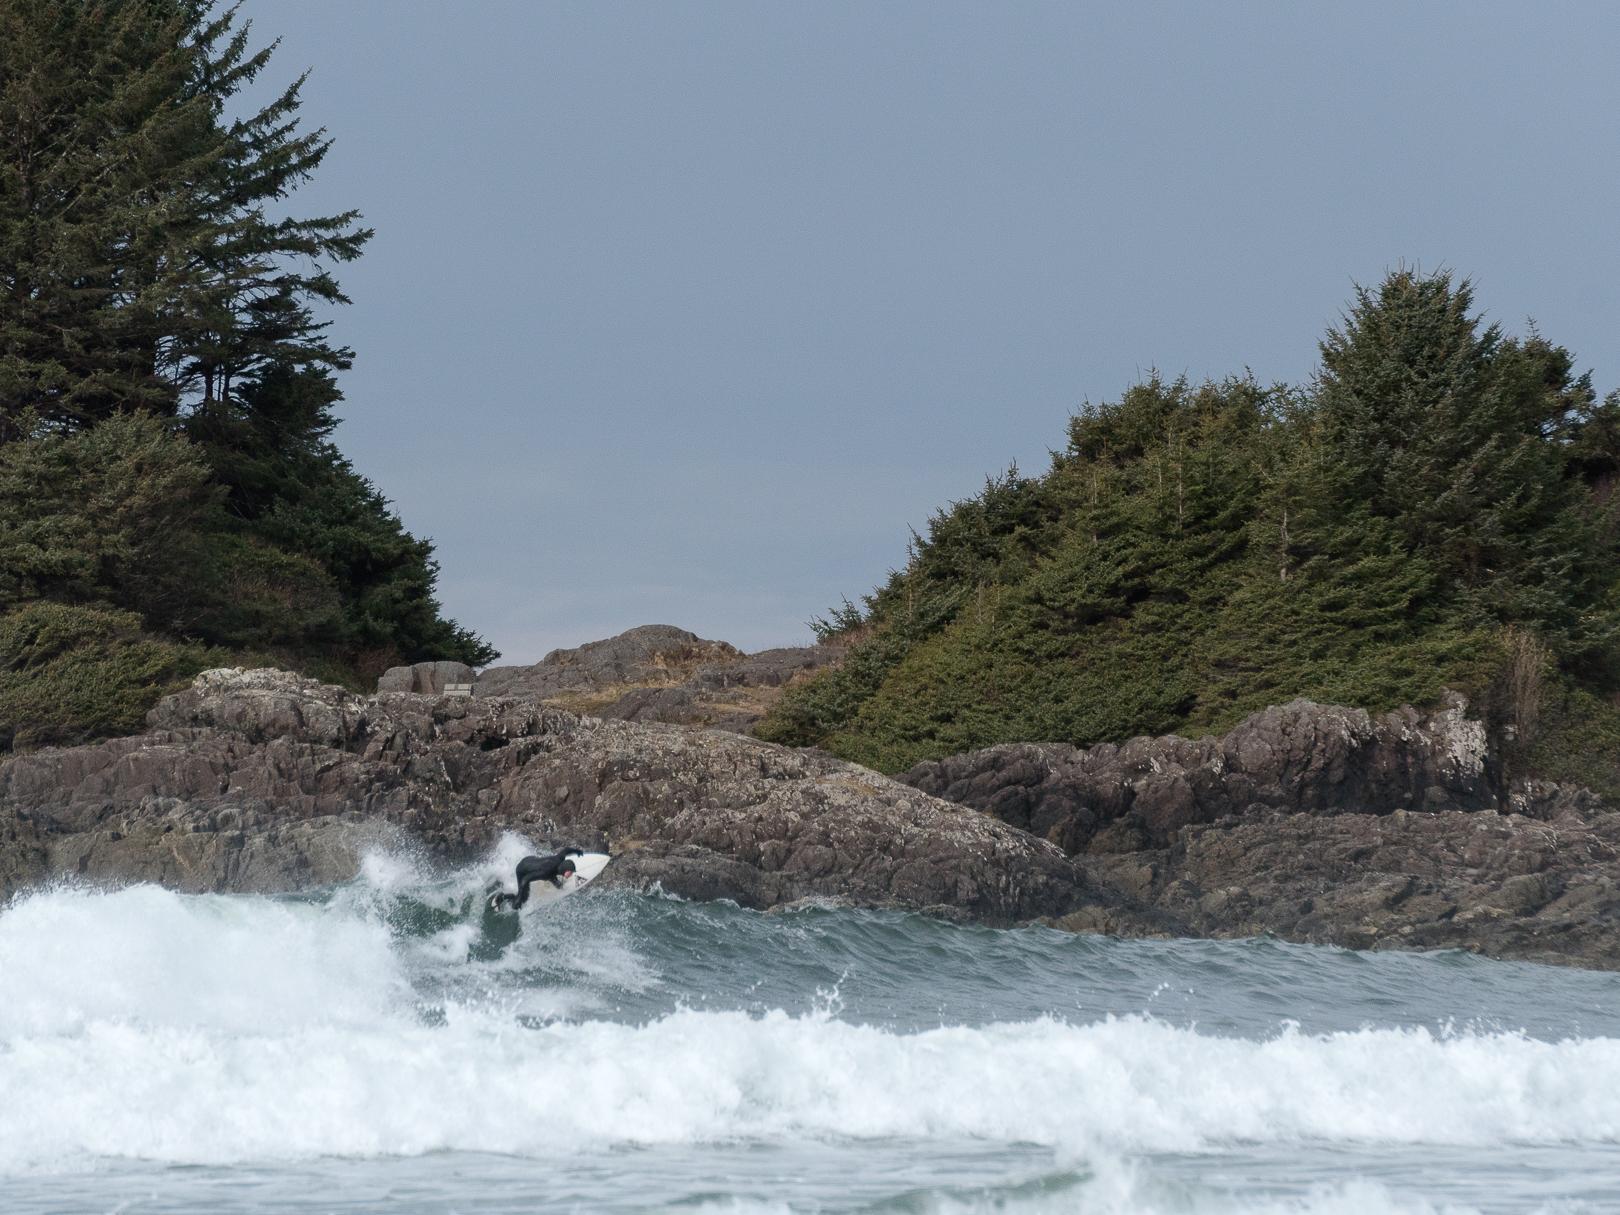 tofino-cox-bay-surfing-herron-01595.jpg